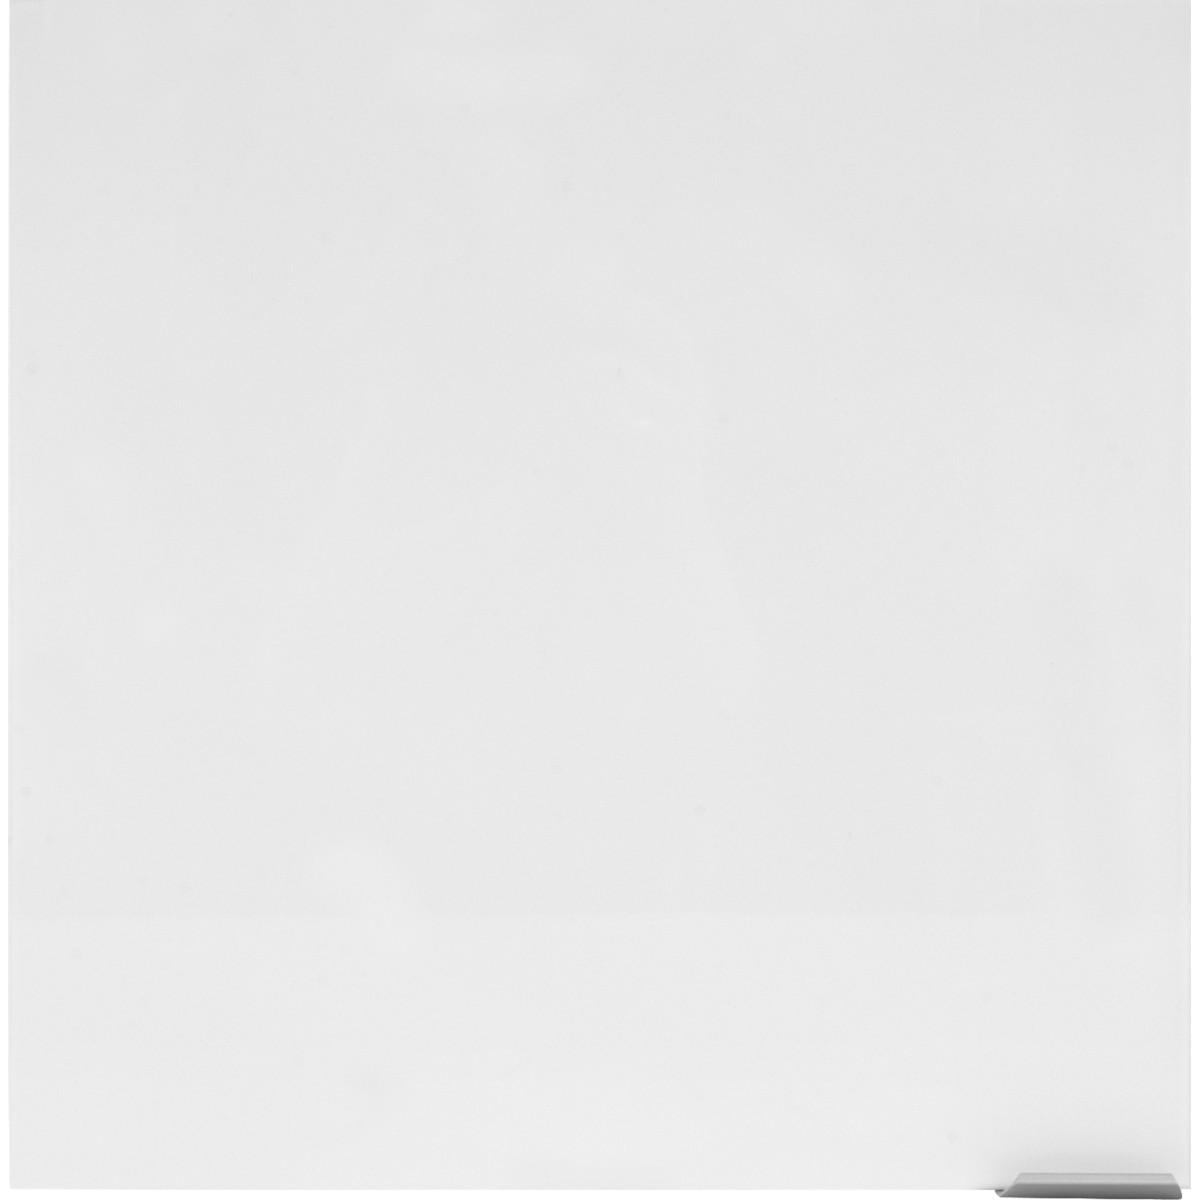 Фасад шкафа подвесного Смарт 30x30 см цвет белый матовый